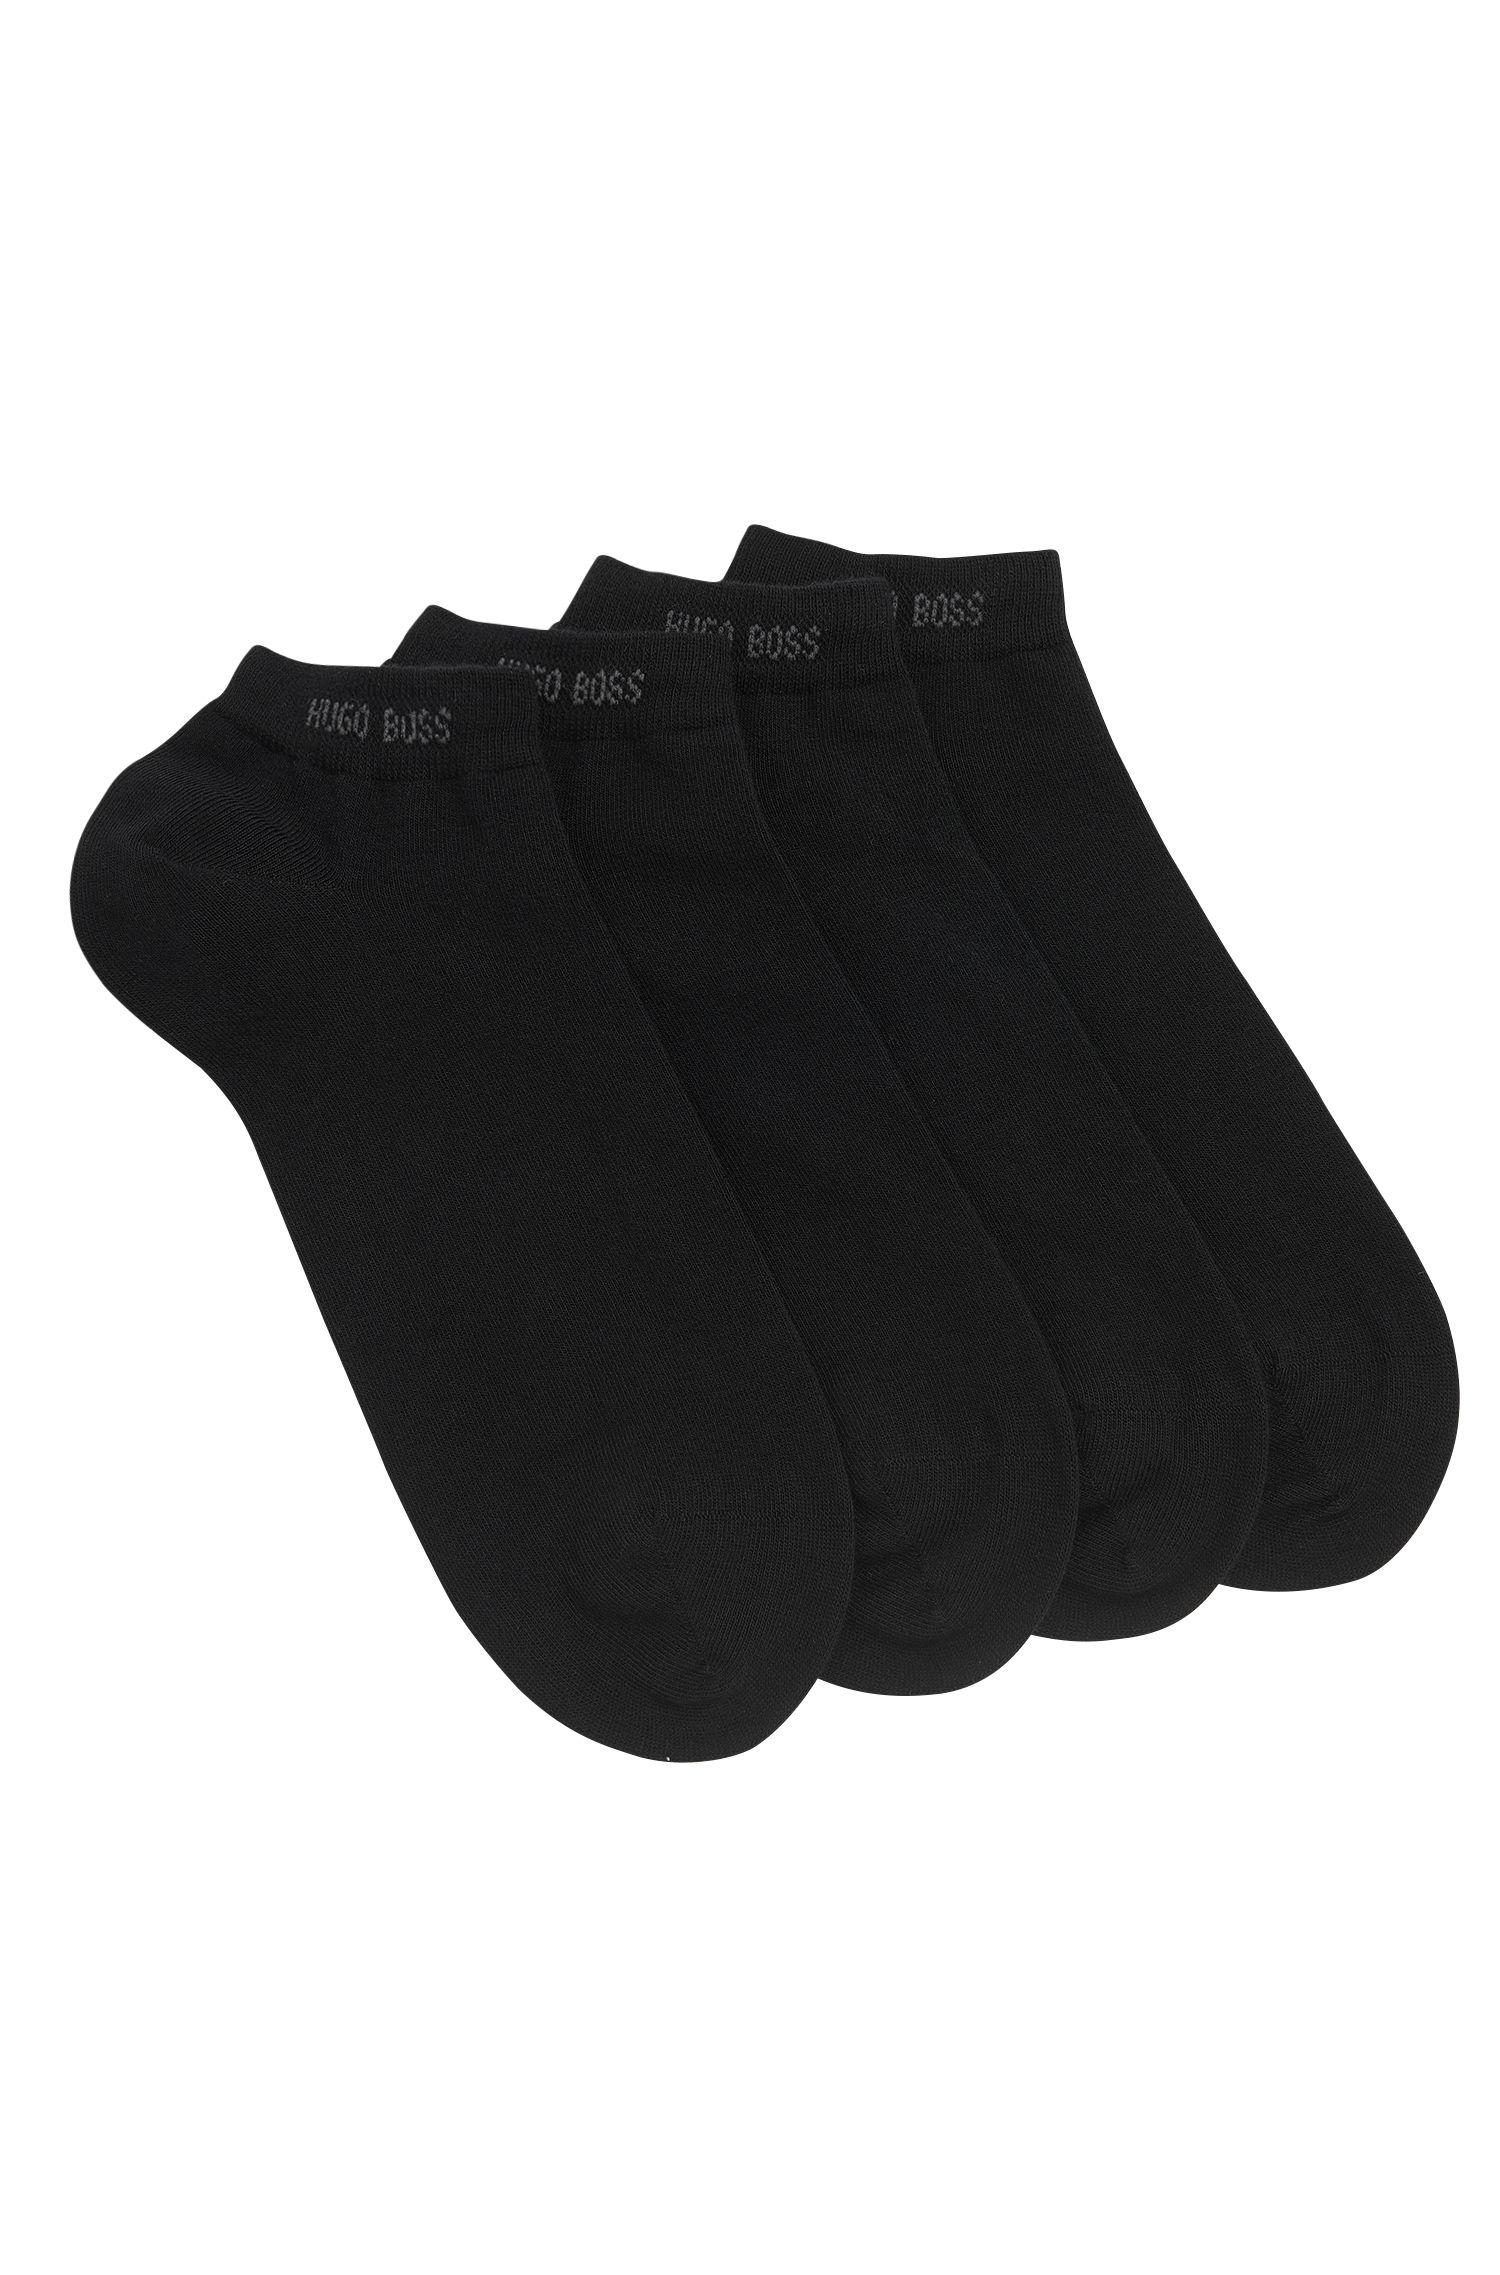 Calze alla caviglia in misto cotone in confezione da due